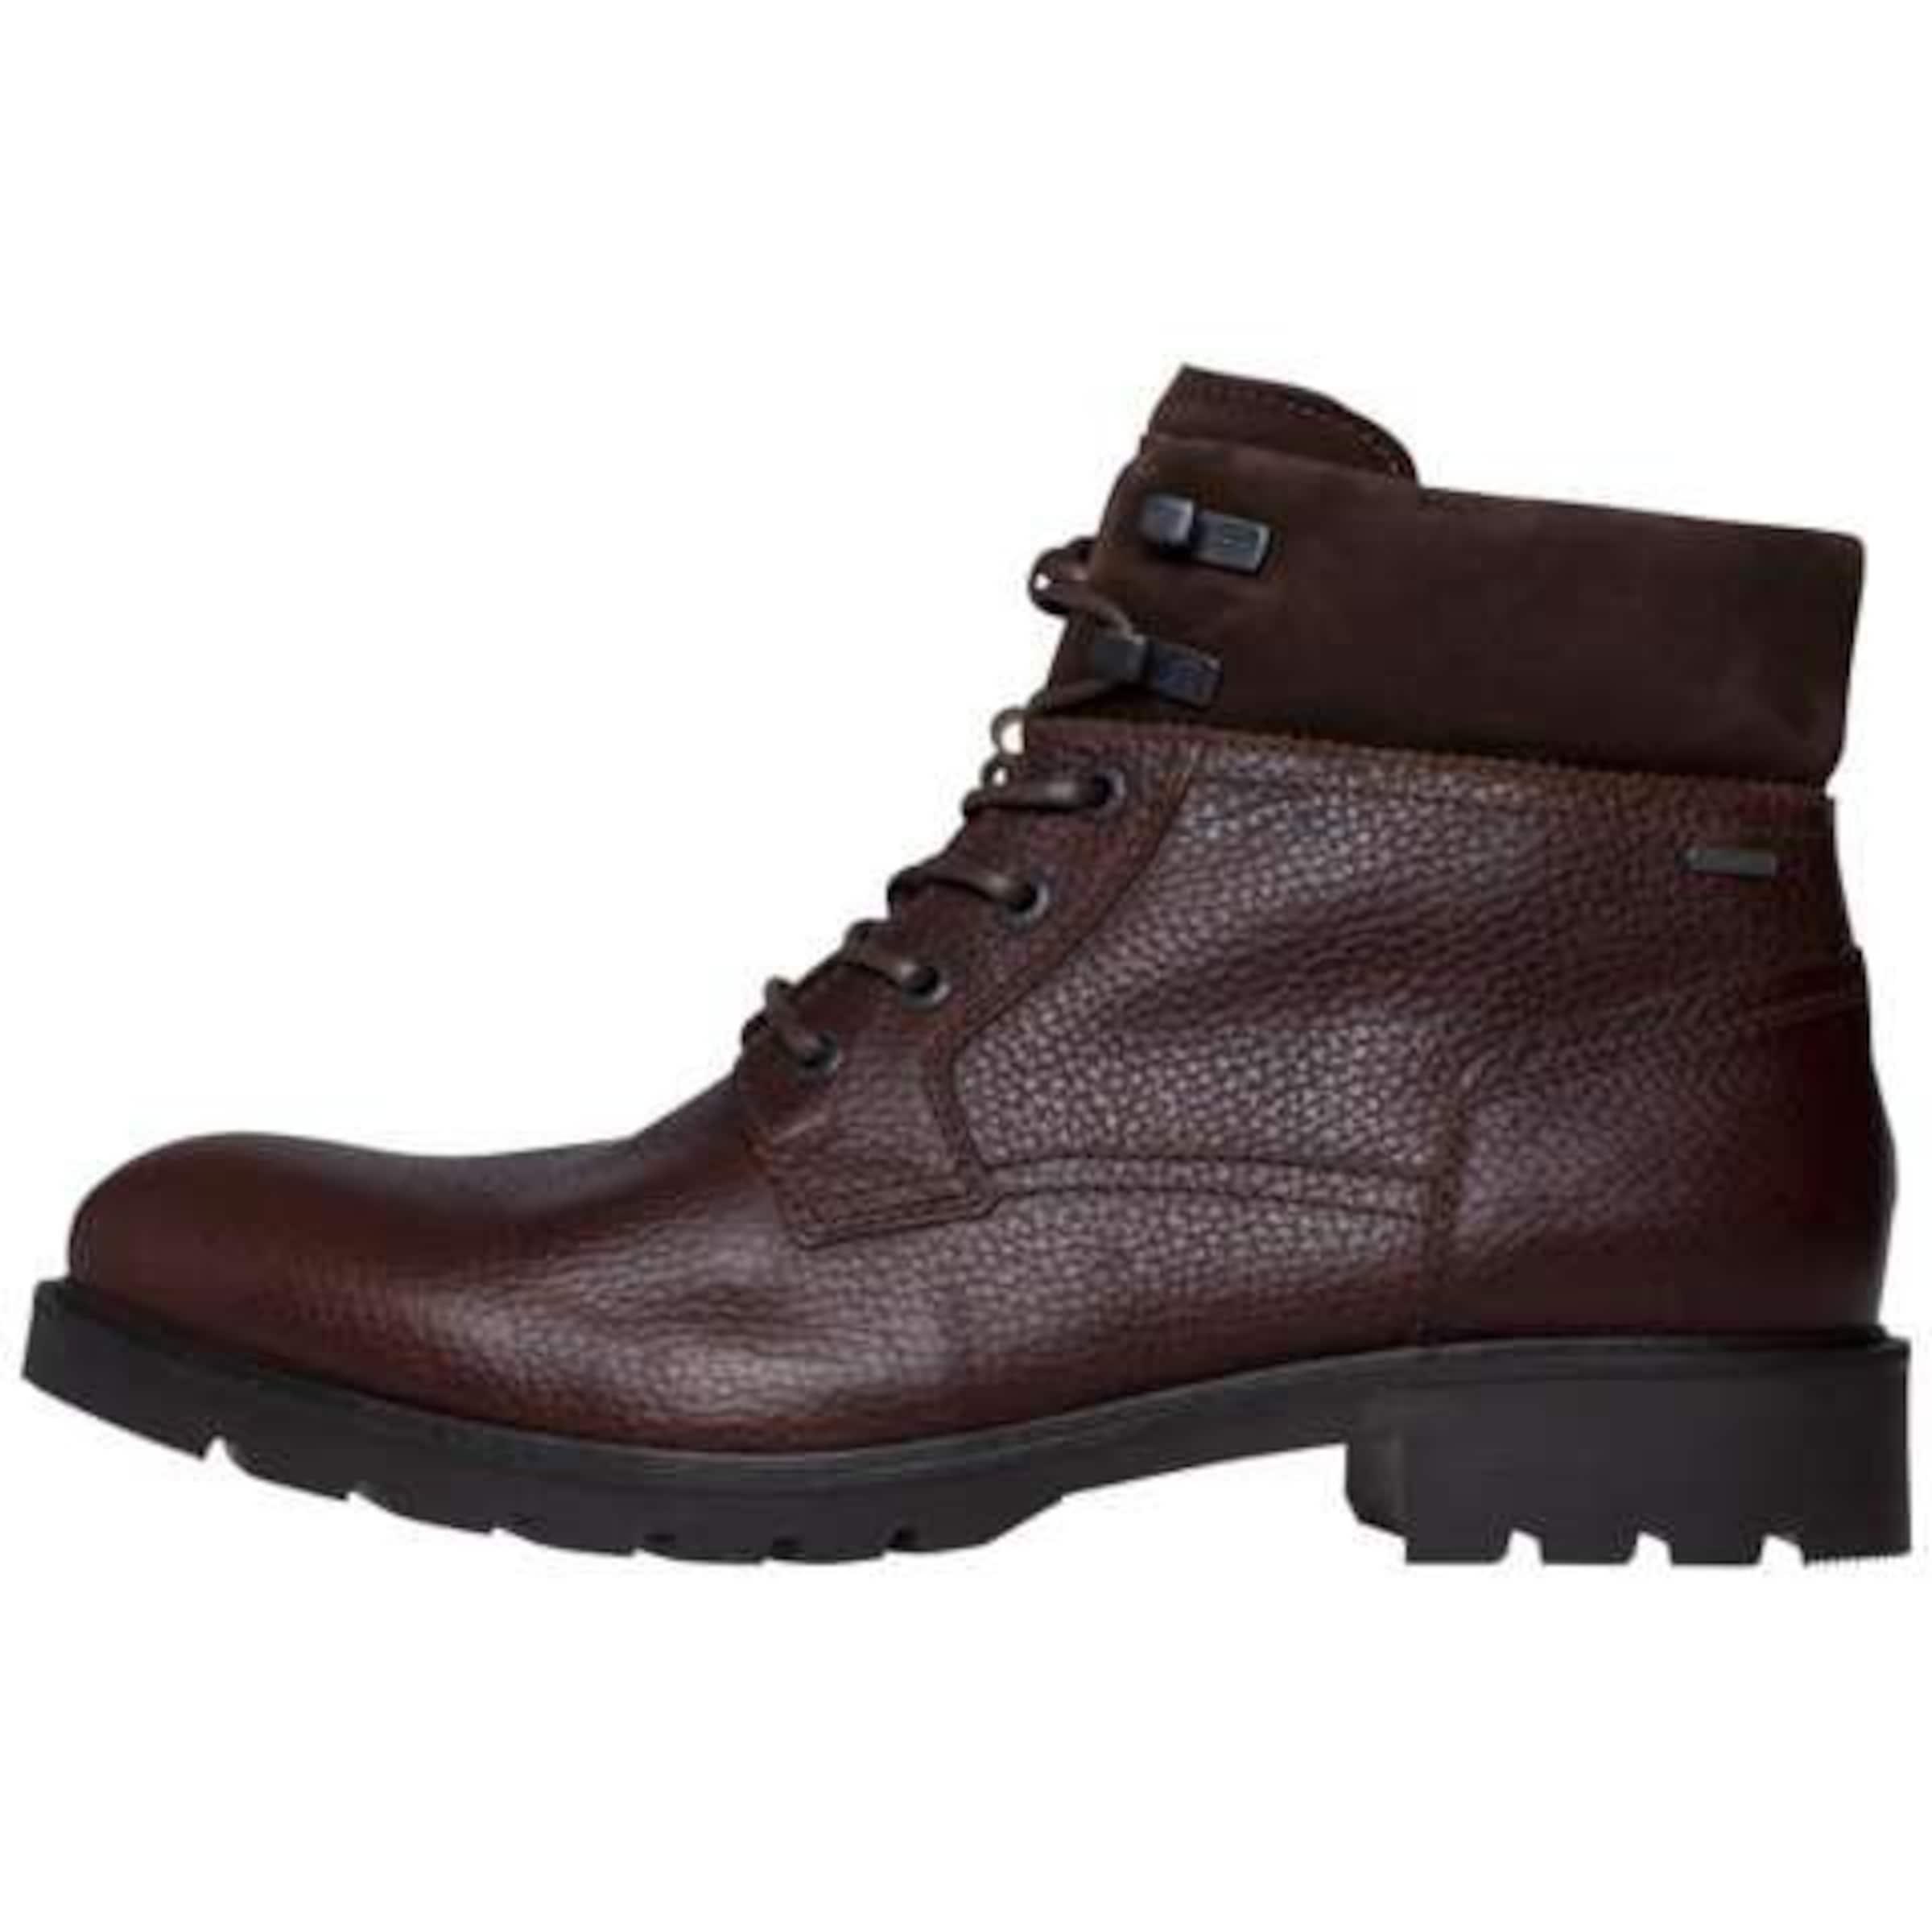 TOMMY HILFIGER Boots  C2285URTIS 16A GTX